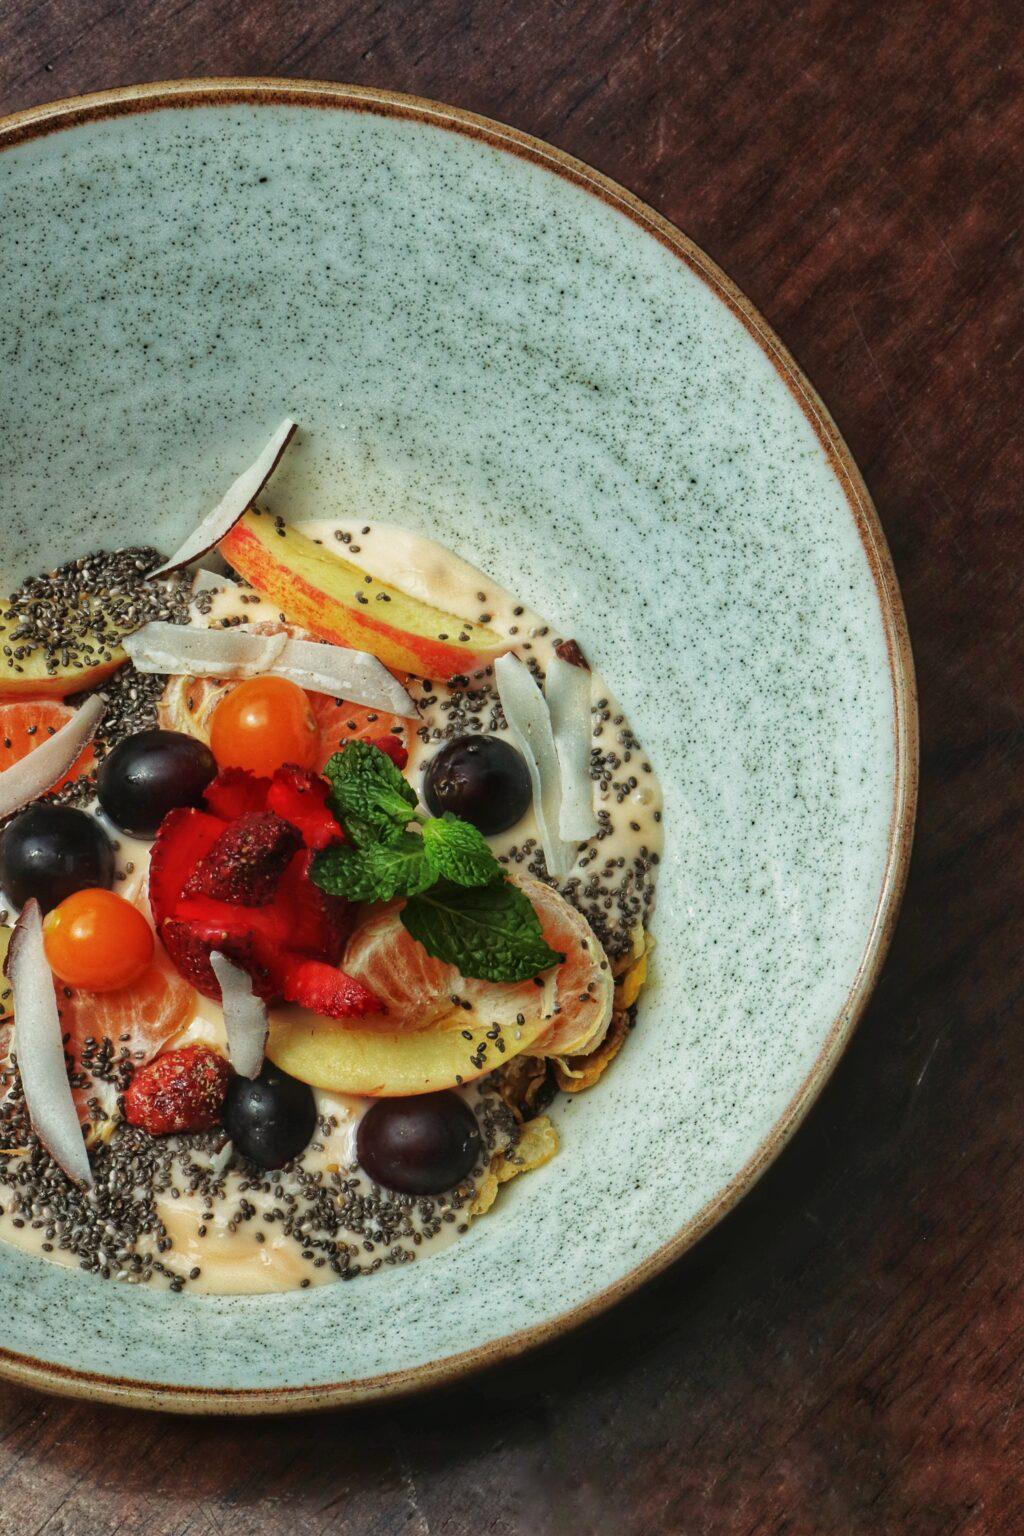 Cereal y fruta: Granola y frutas con yogurt o leche